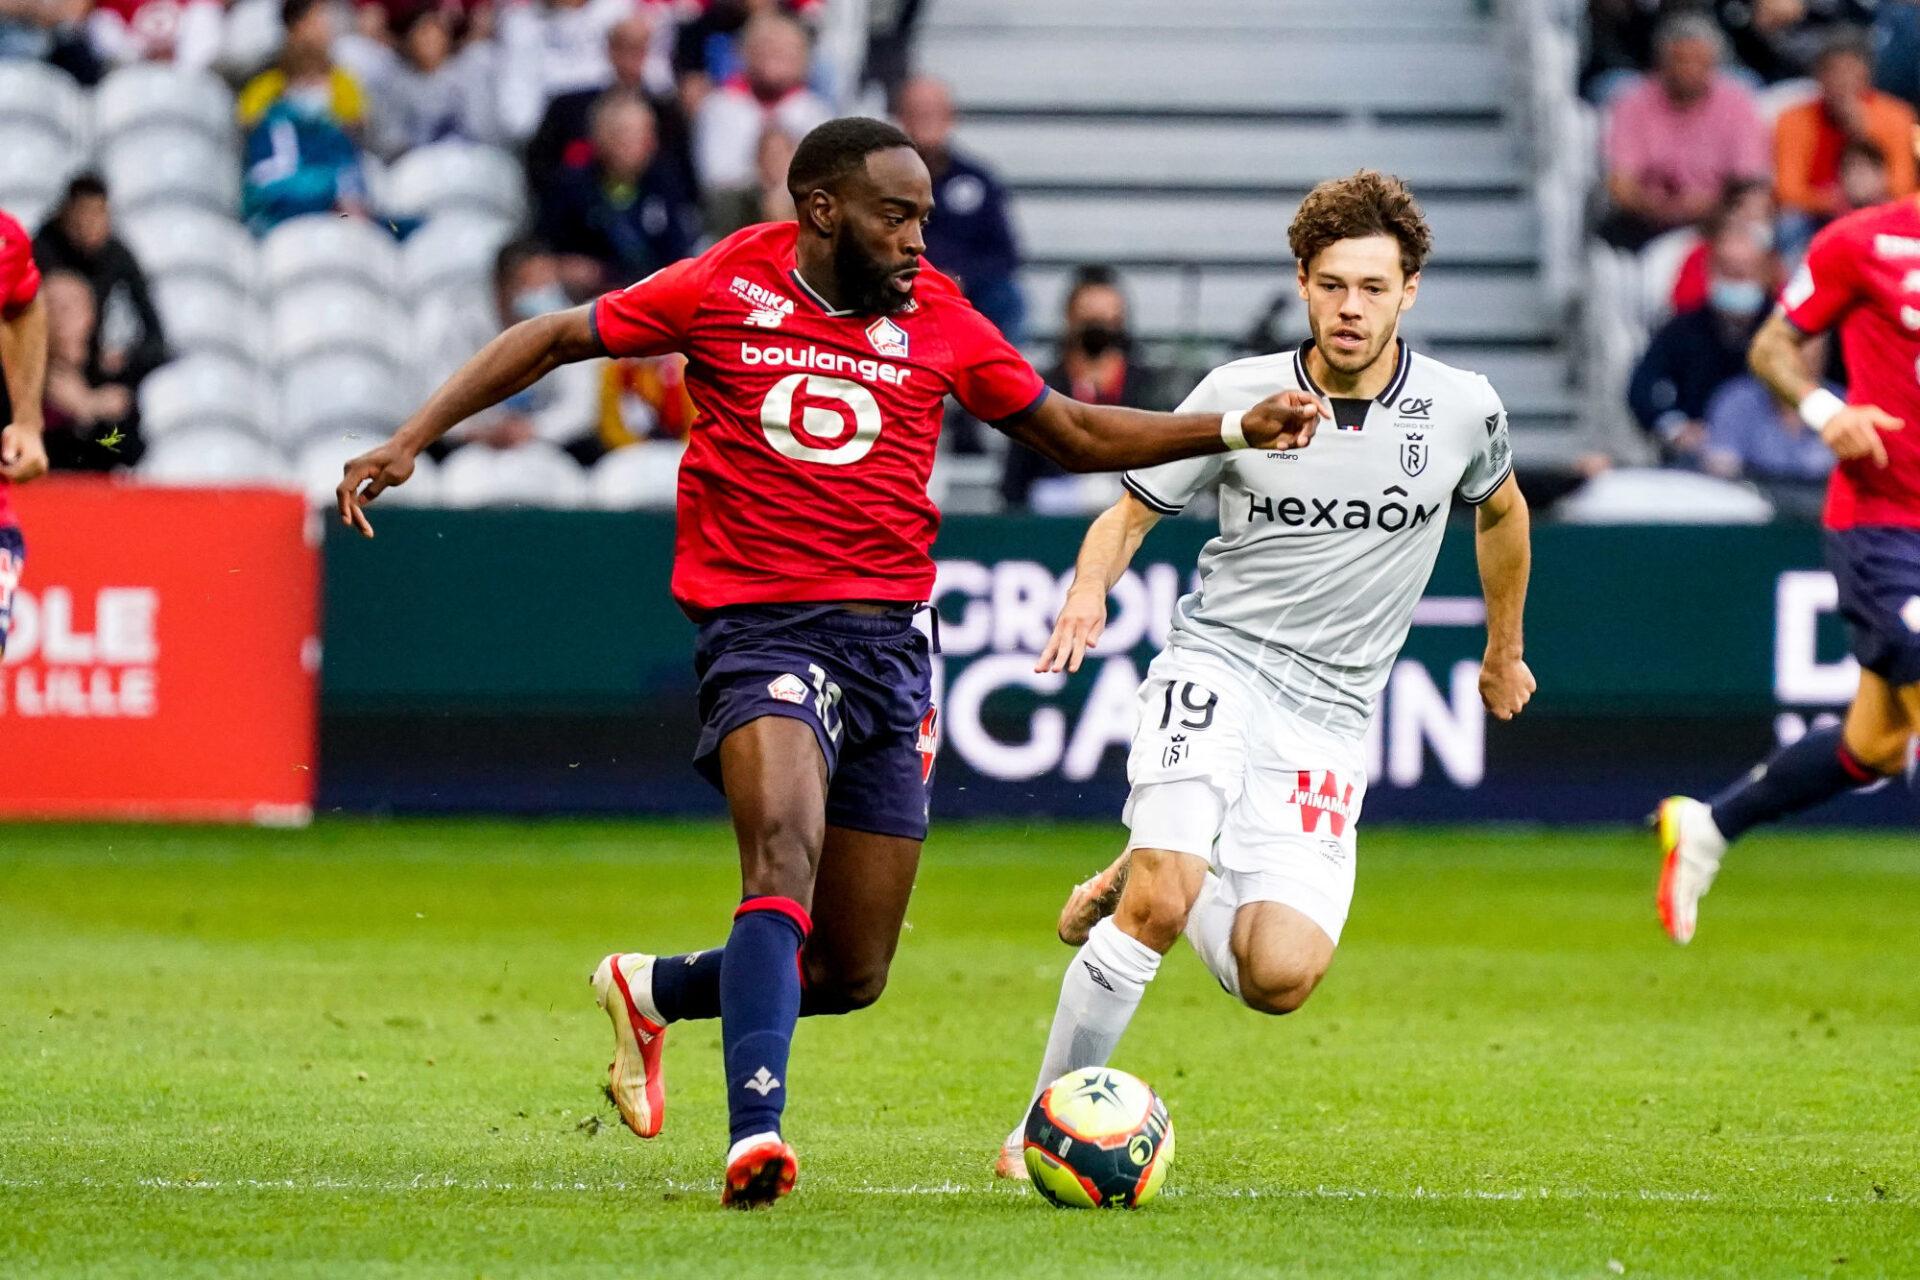 Le LOSC de Jonathan Ikoné dispute la deuxième journée de Ligue des champions contre le RB Salzbourg, mercredi 29 septembre. Icon Sport